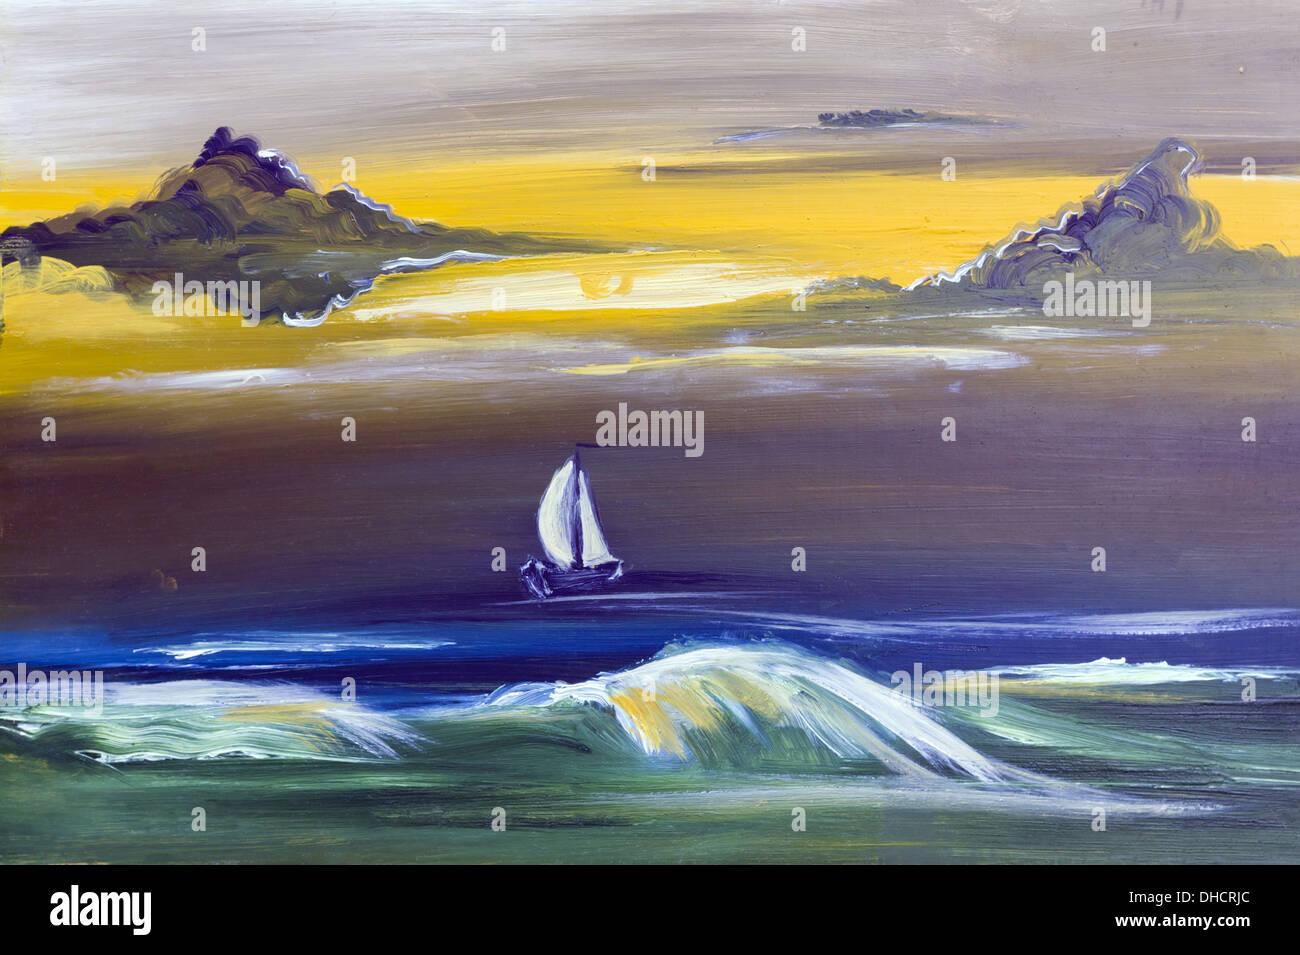 Segelyacht im sturm  Segelyacht im Sturm Stockfoto, Bild: 62362228 - Alamy